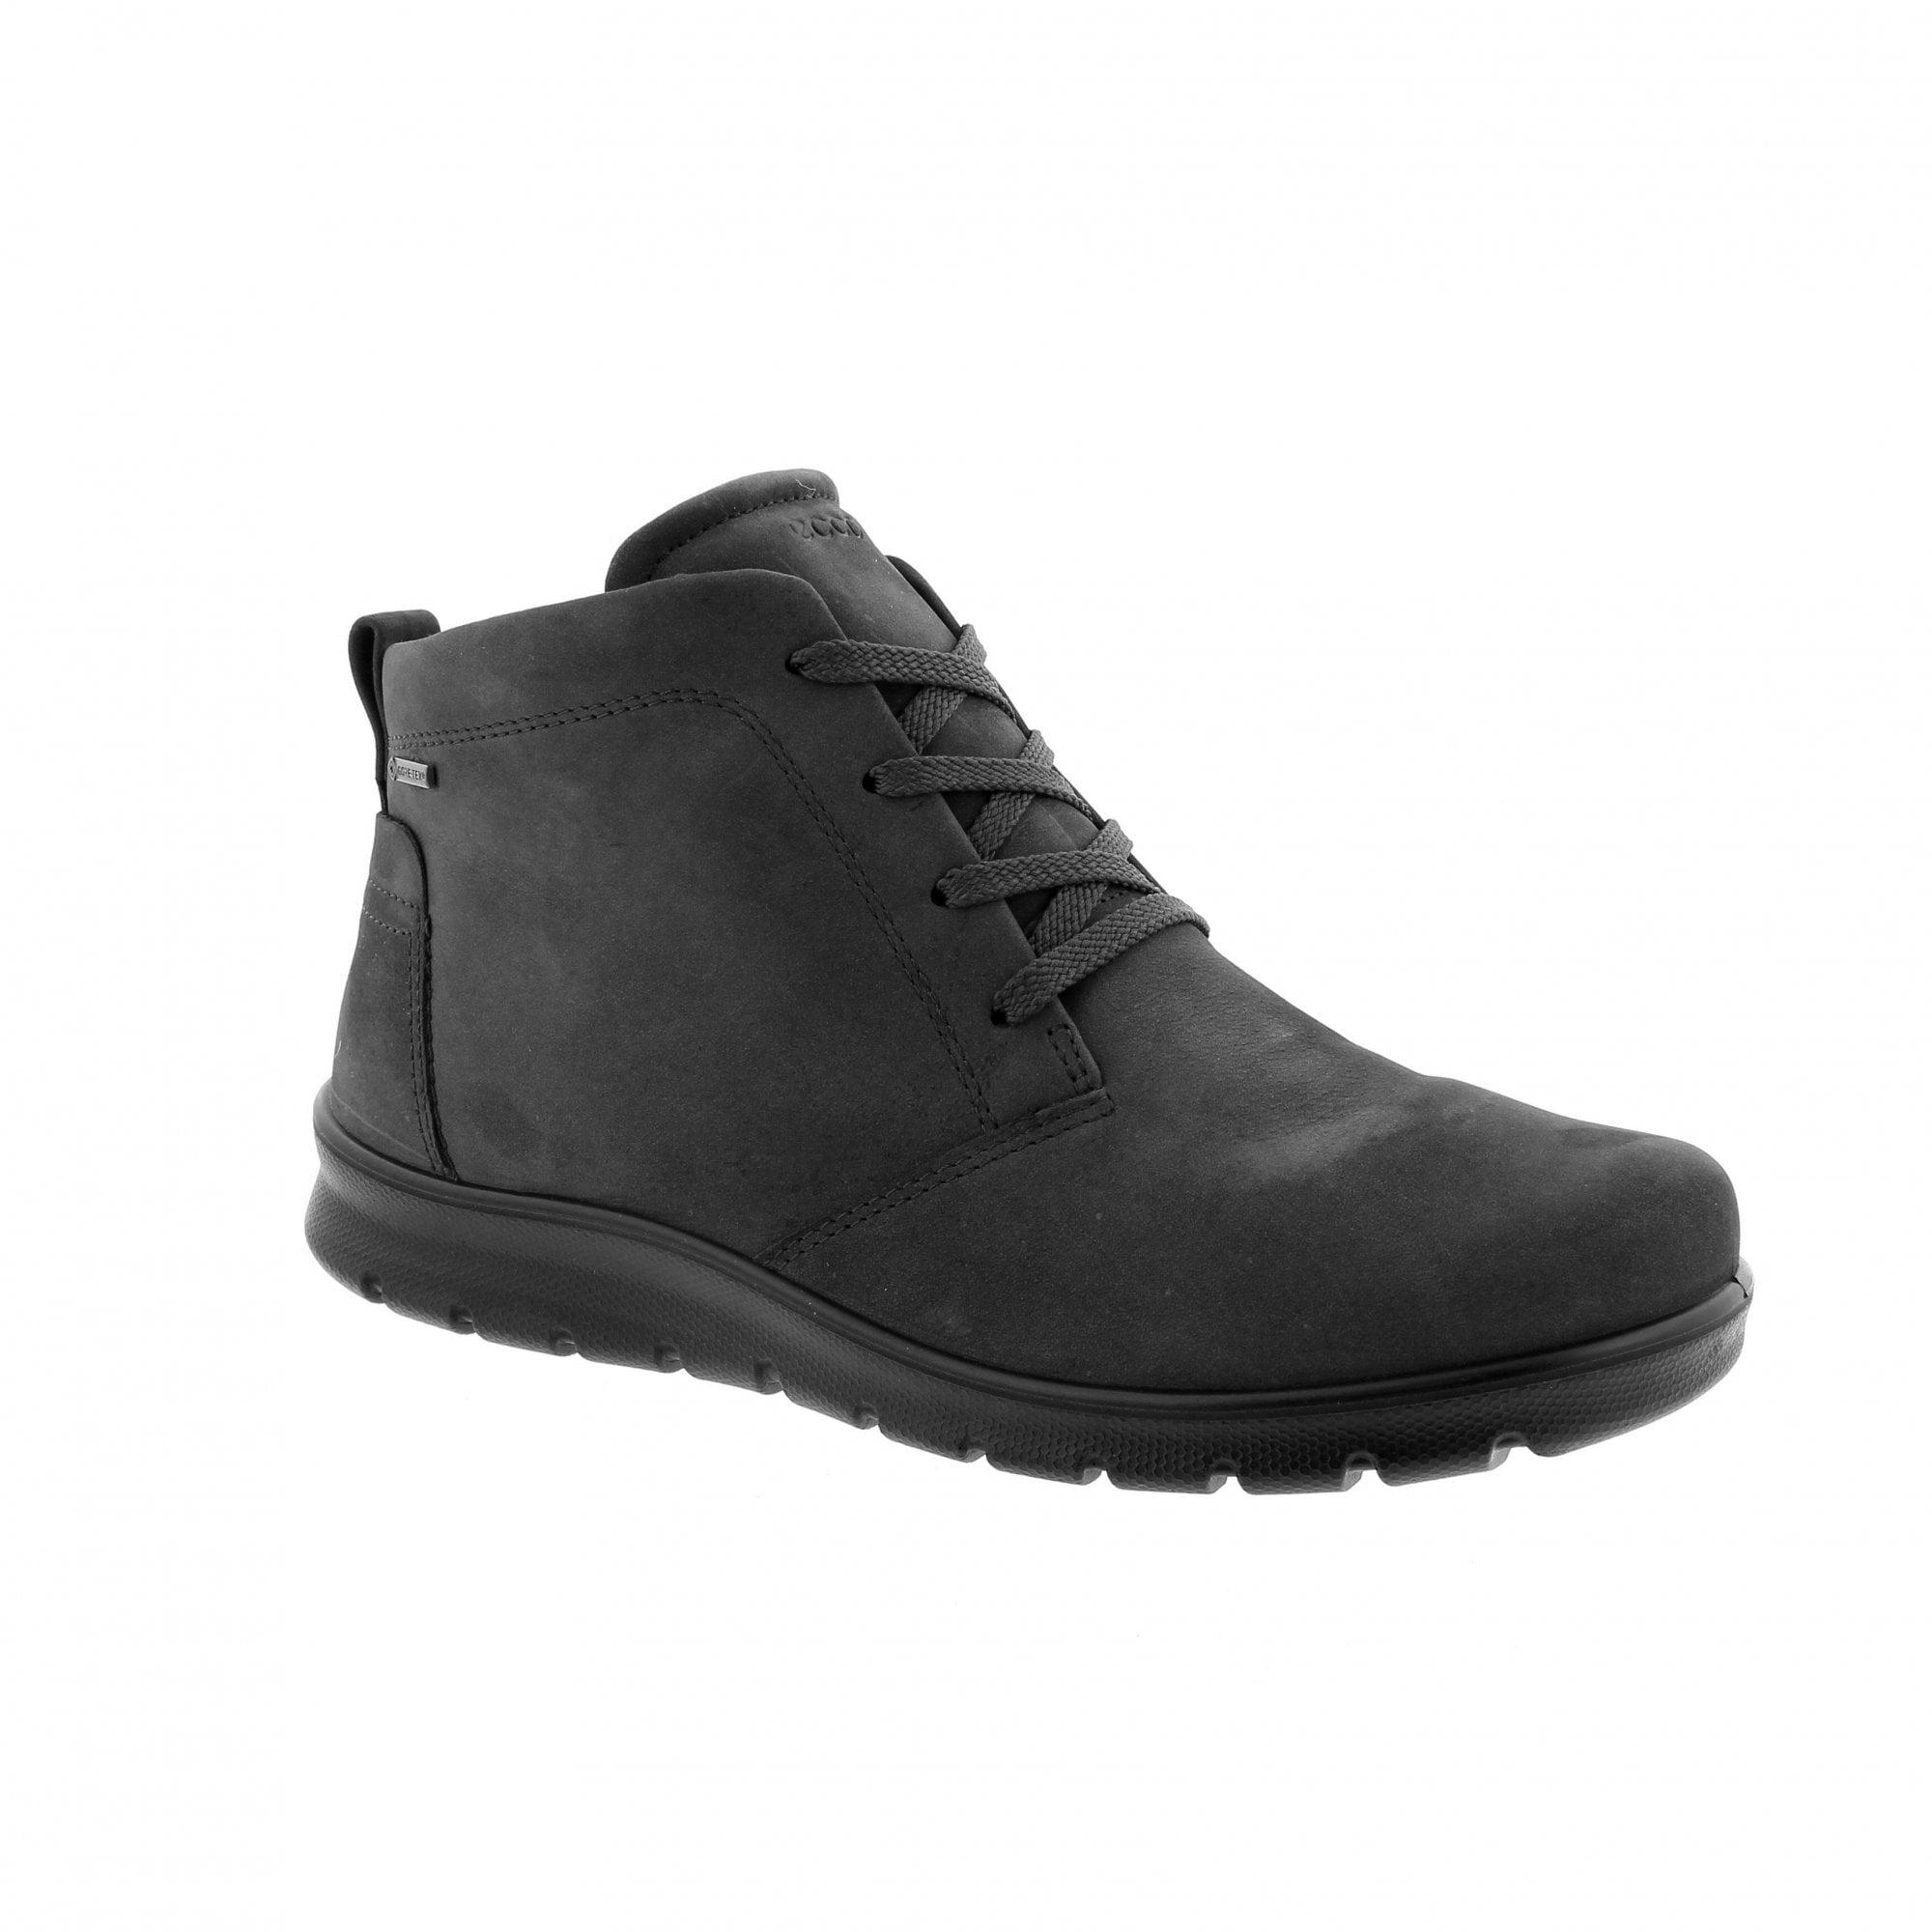 37661fa8ad84 Ecco Babett Womens 215583-02001 Ankle Boots